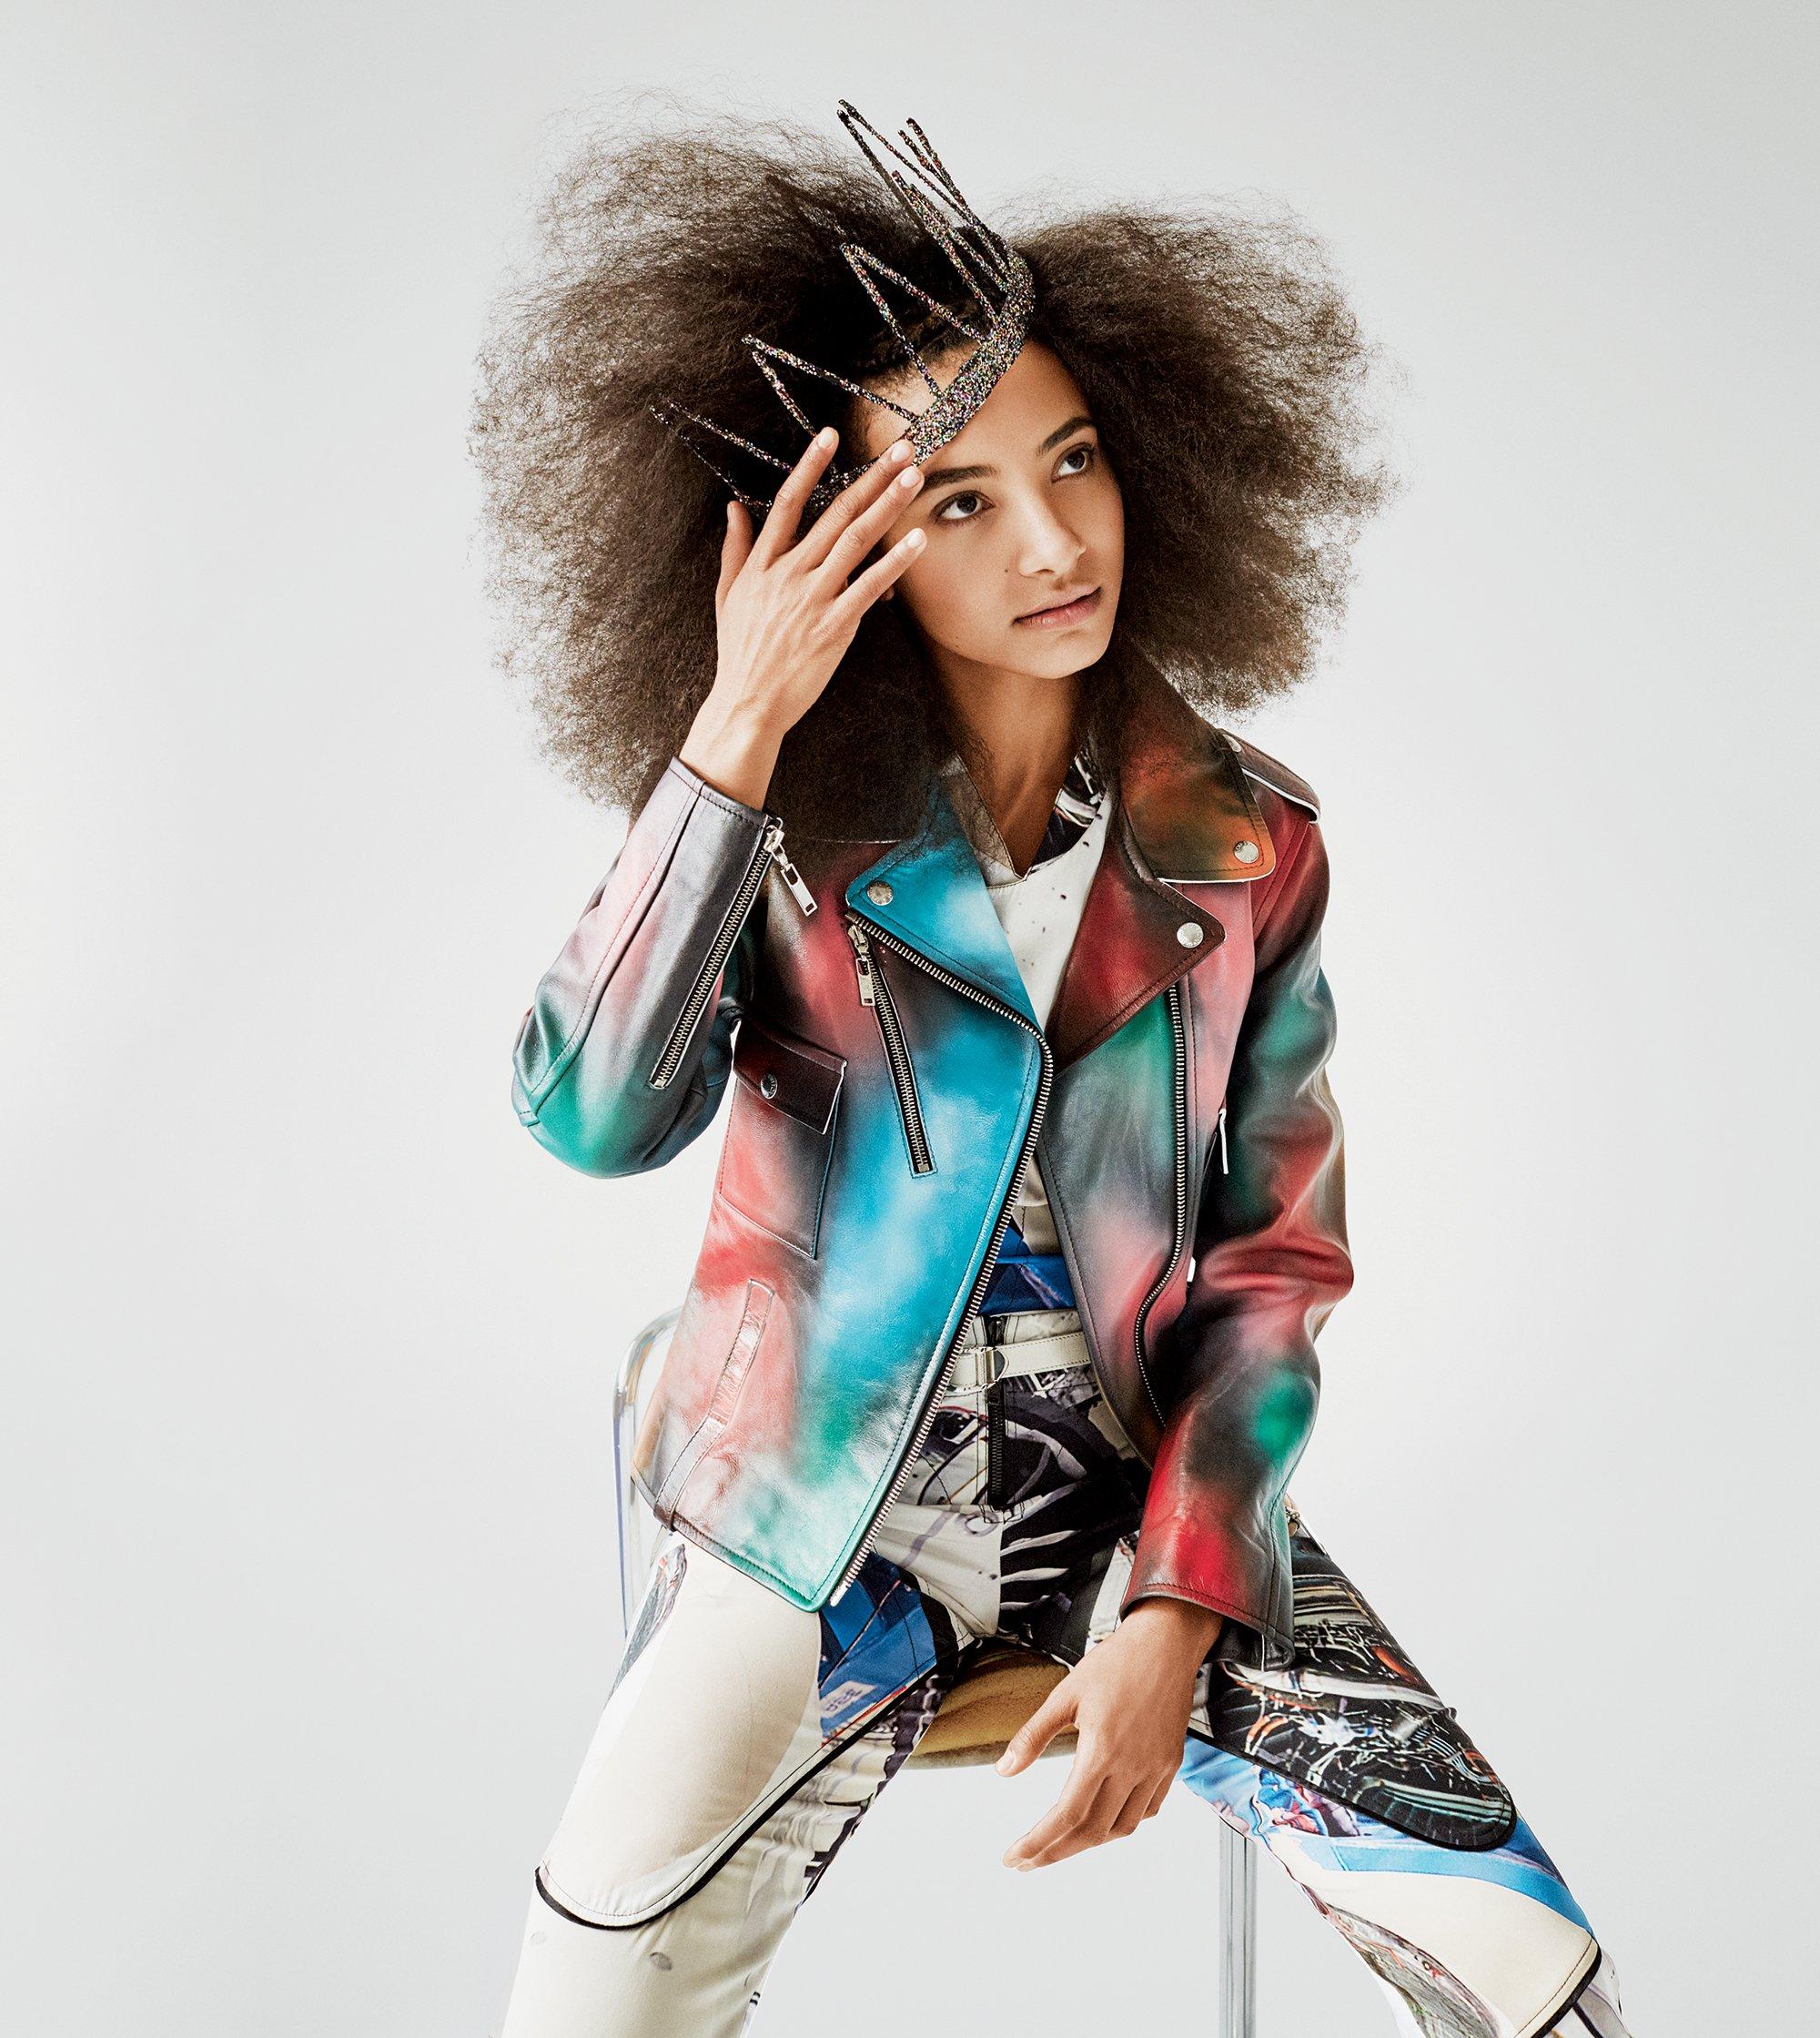 Singer Esperanza Spalding On Creating Her Alter Egos